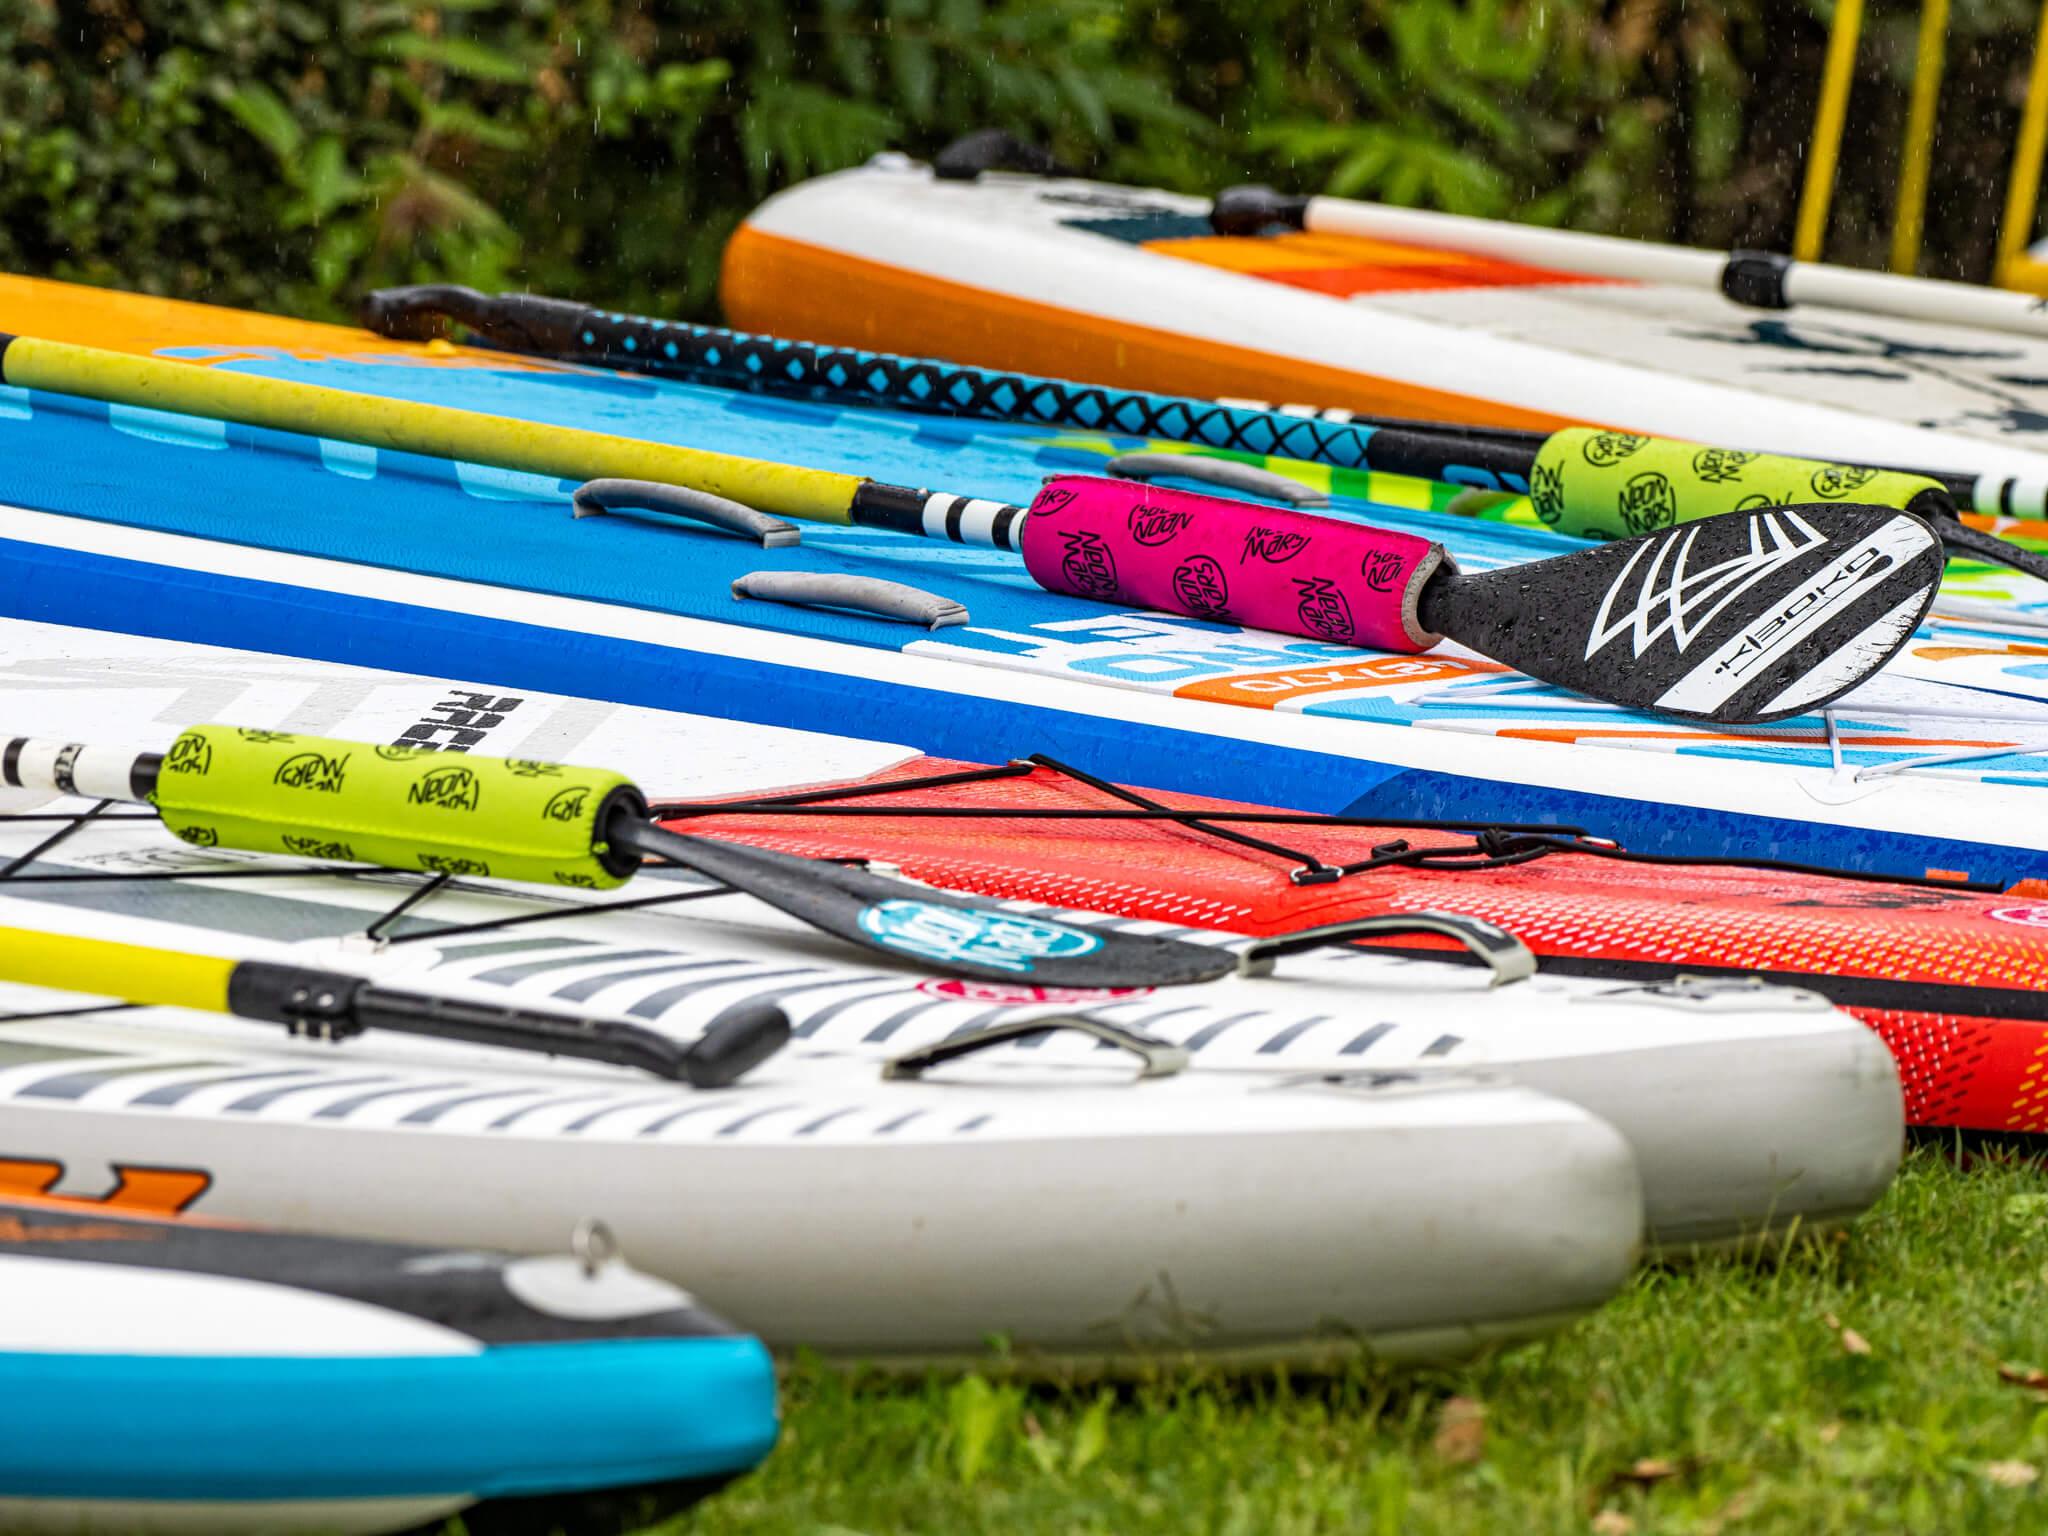 neonmars-testcentrum-pozicovna-paddleboardov-zanzibar